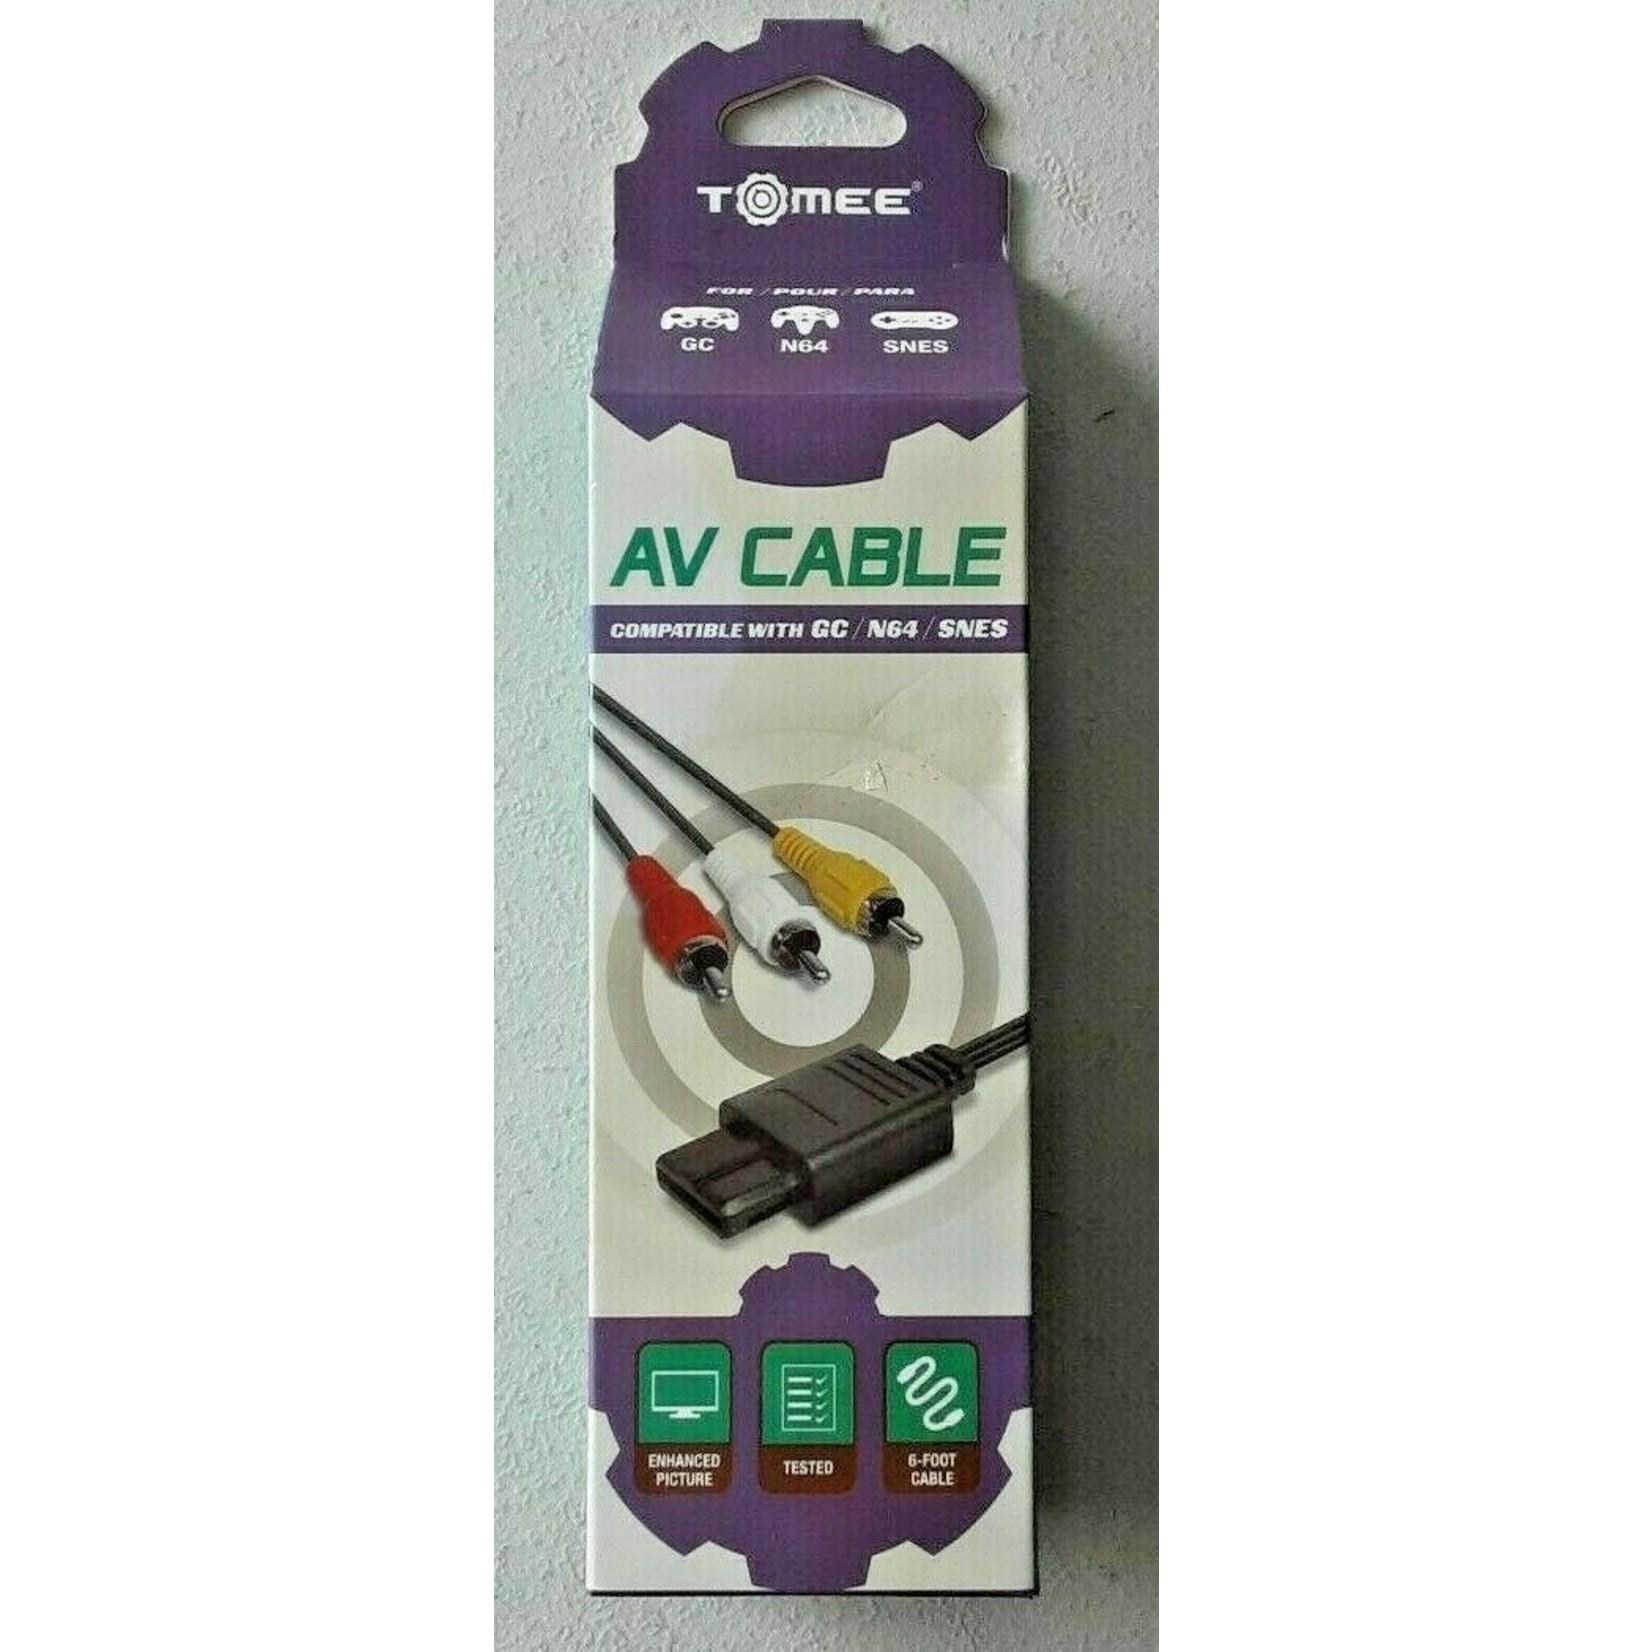 GAMECUBE/ N64/ SNES AV CABLE - TOMEE